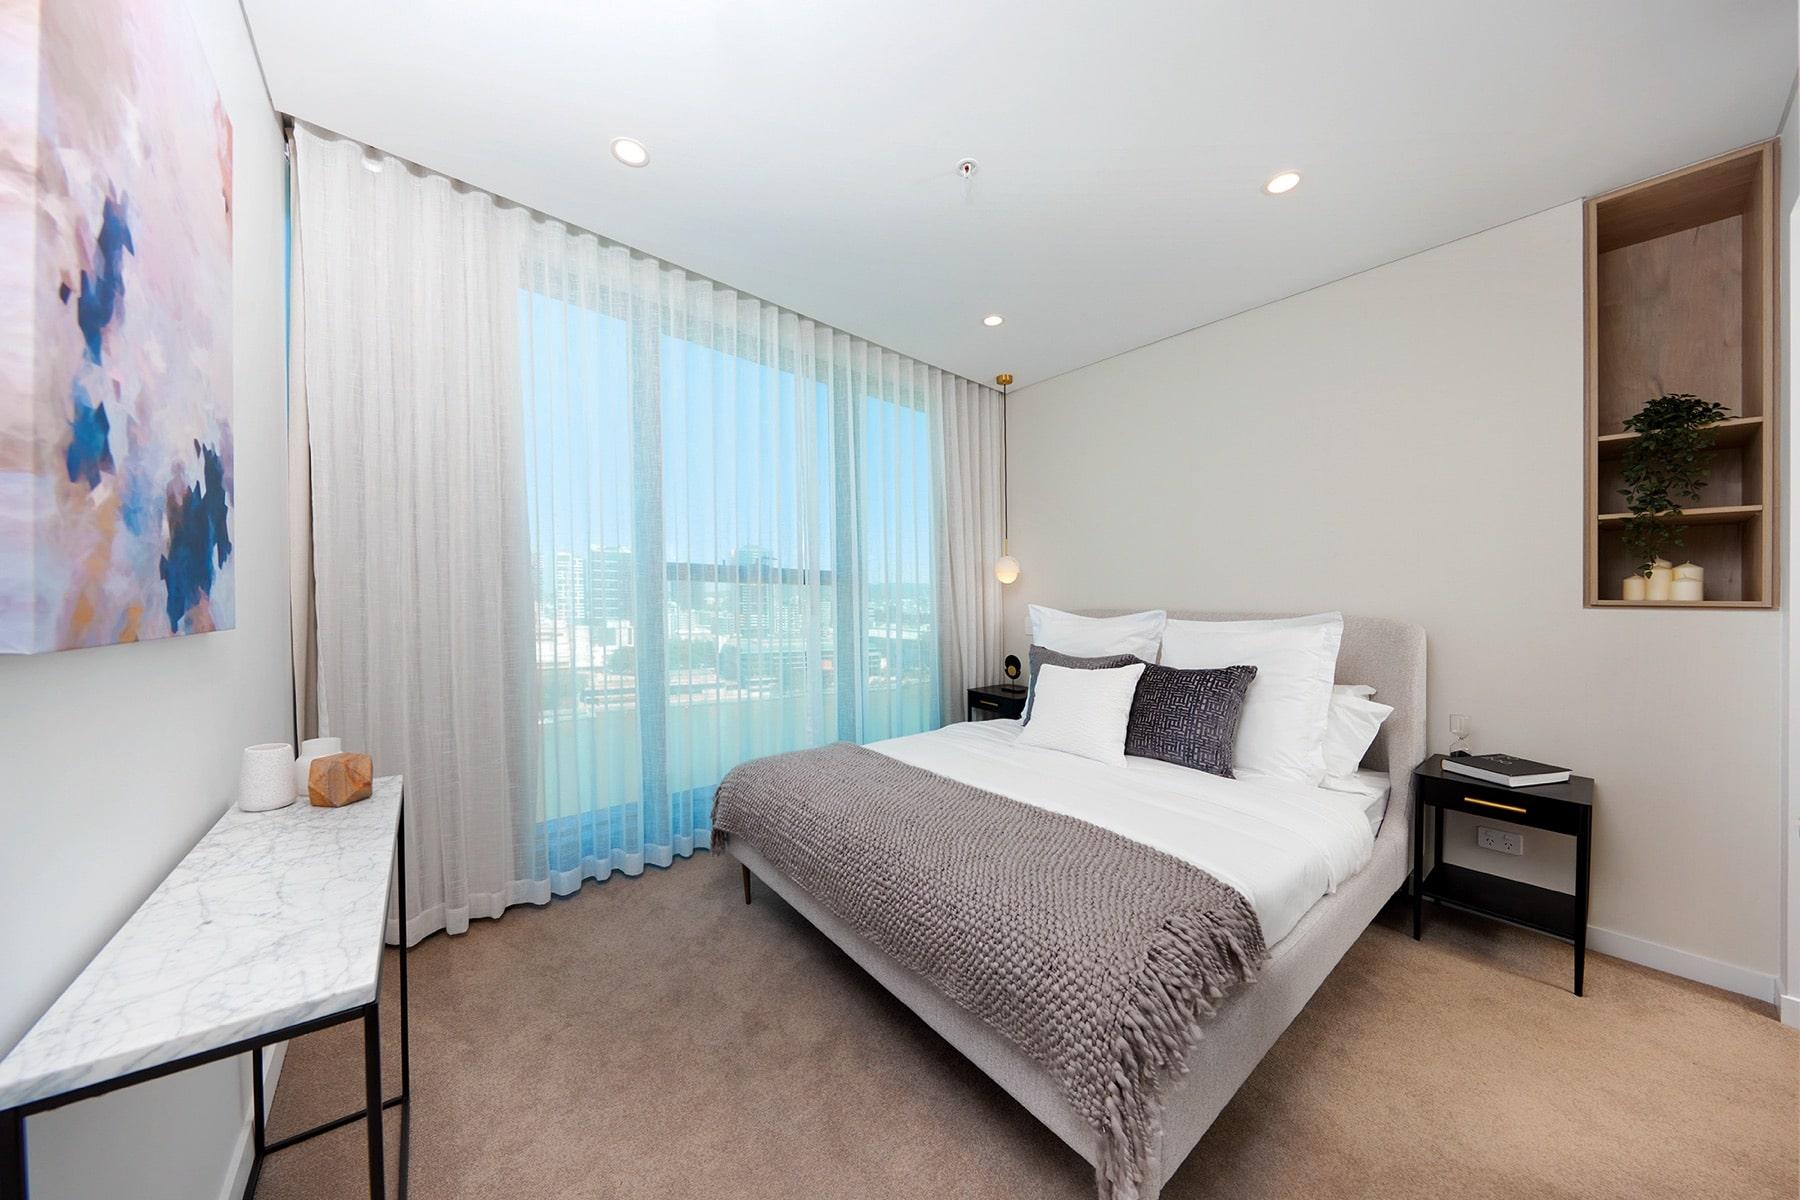 2 Bedroom - Bedroom1